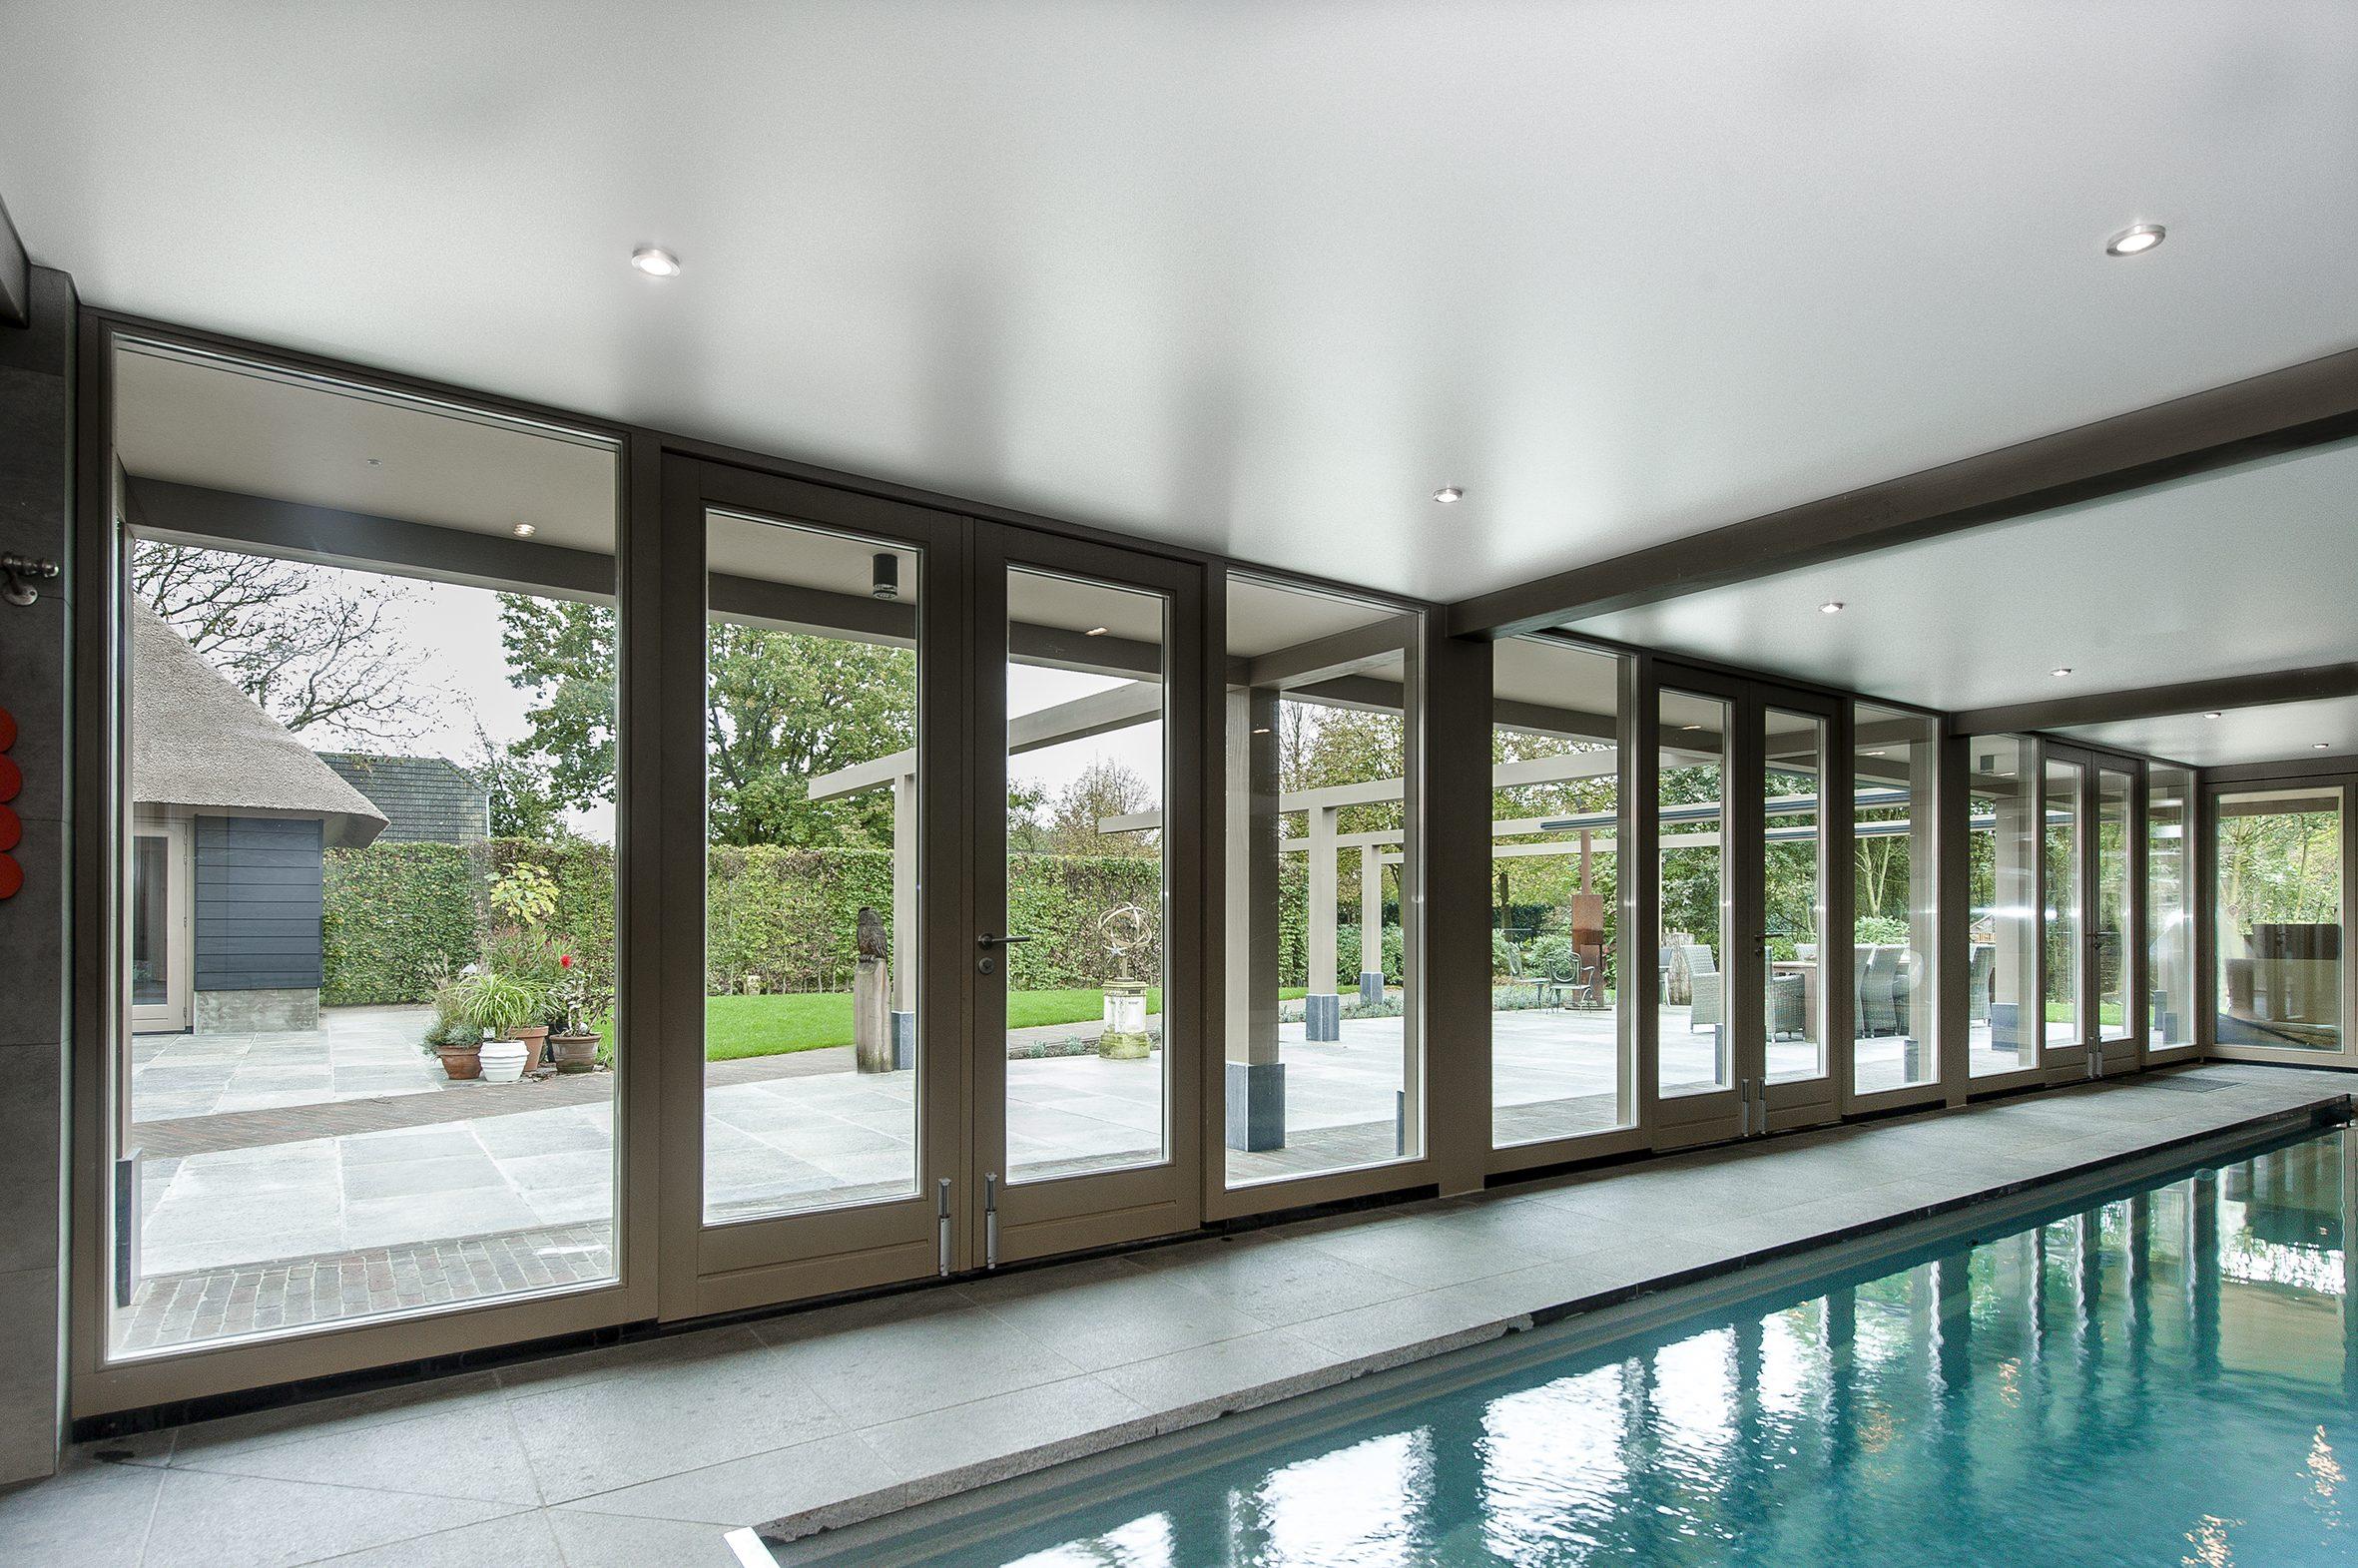 Spanplafond bij een zwembad een van de voordelen van een spanplafond is dat het vochtbestendig is